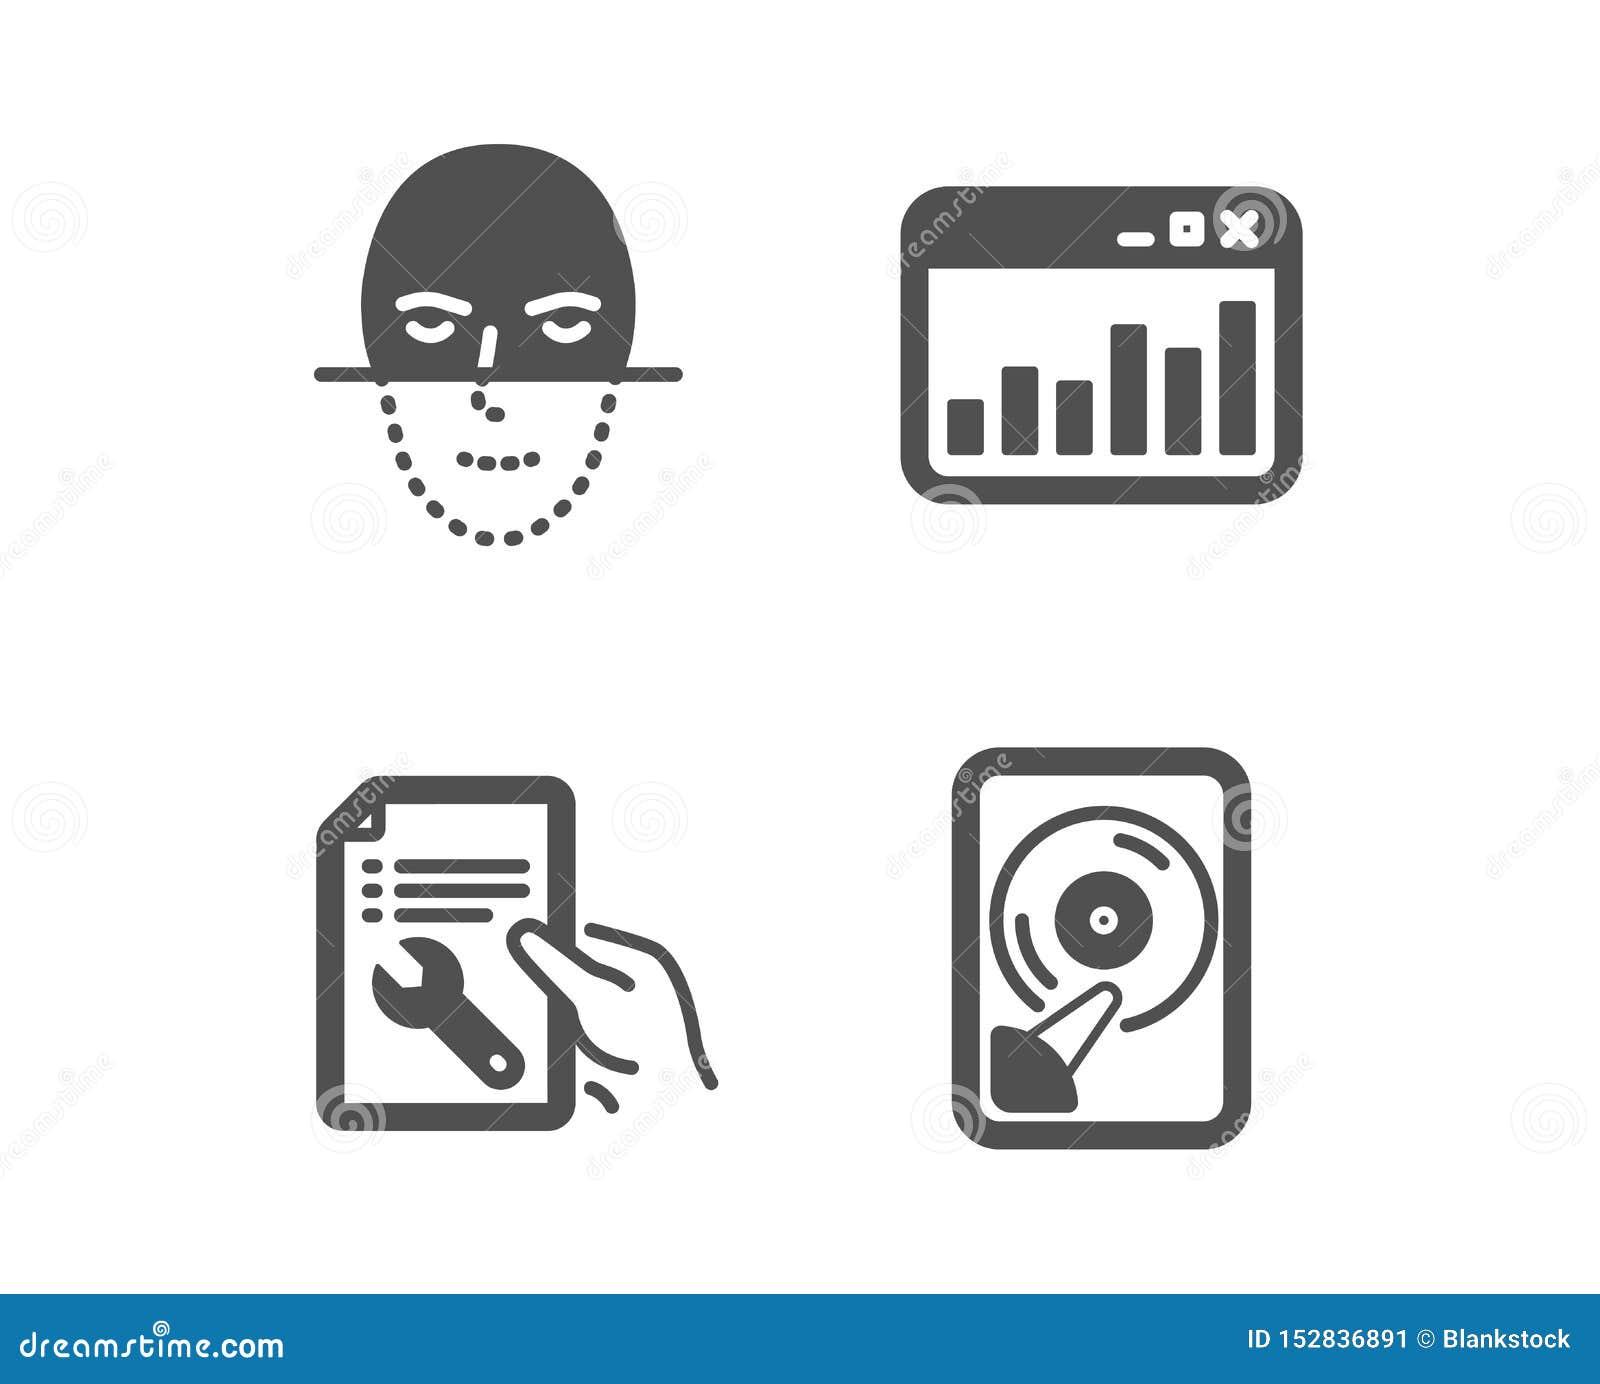 Marketingowe statystyki, twarzy rozpoznanie i naprawa dokument ikony, Hdd znak wektor